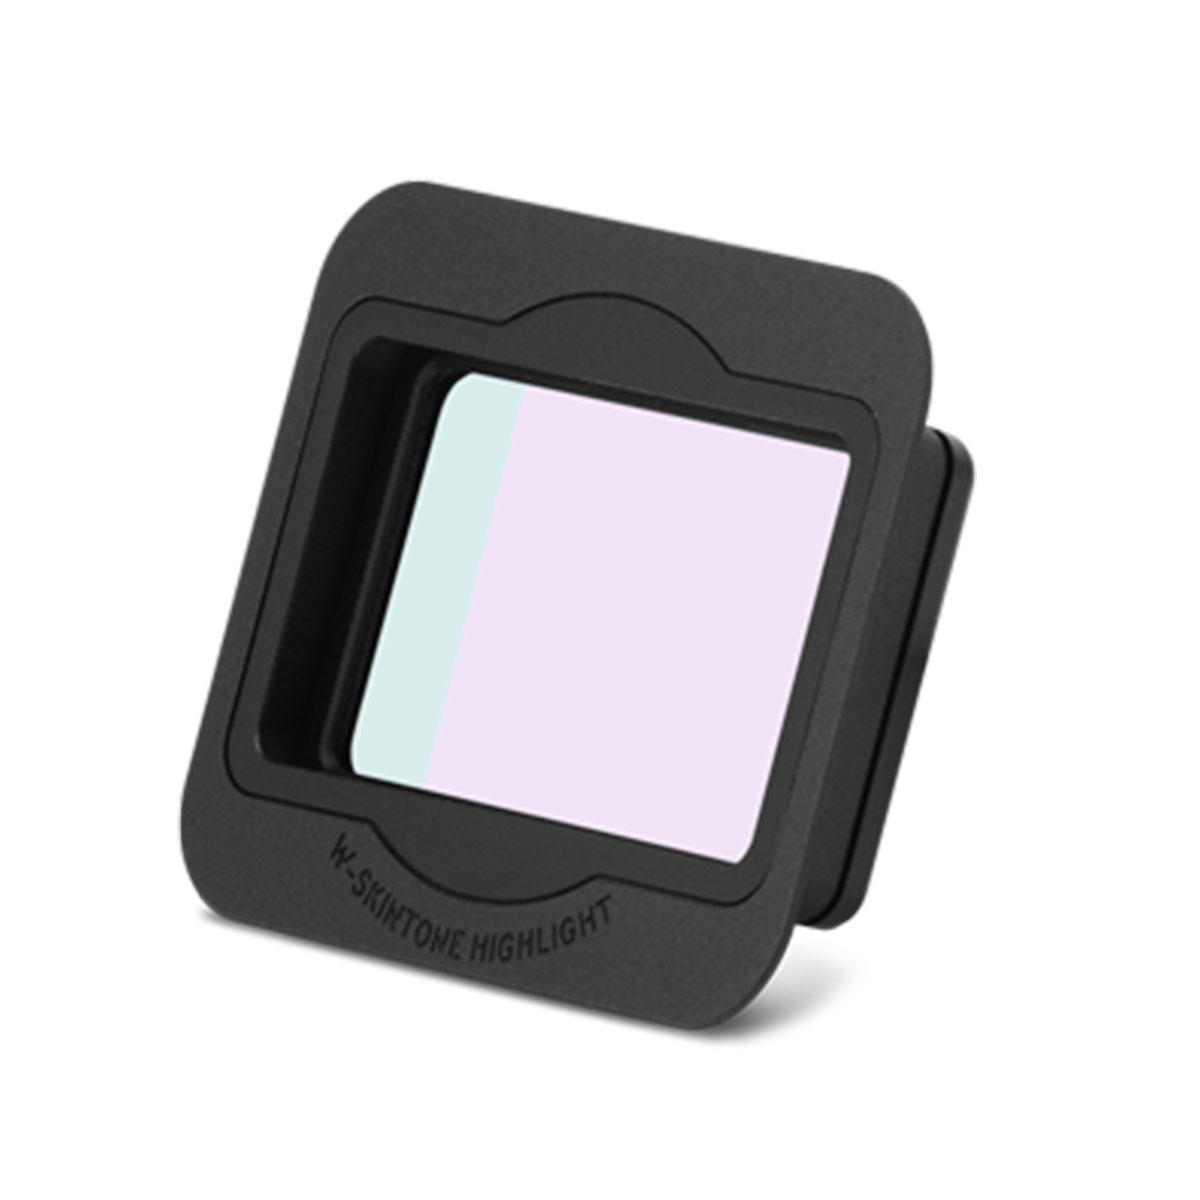 DSMC2 VV SKIN TONE-HIGHLIGHT/LOW LIGHT OPTIMIZED OLPF PACK